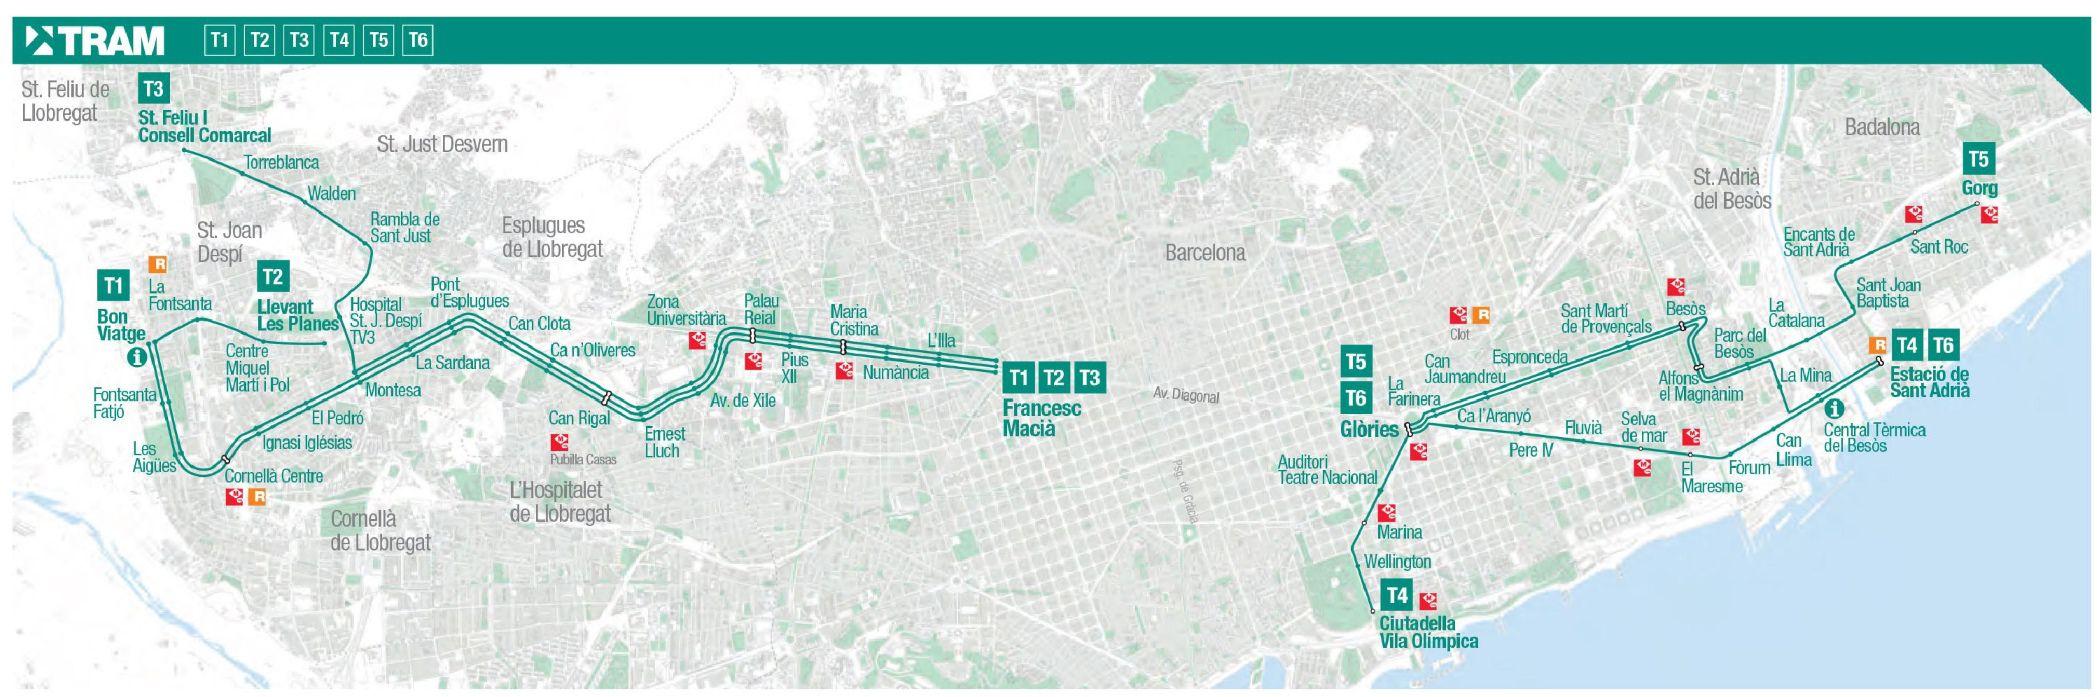 Plan du tram de Barcelone